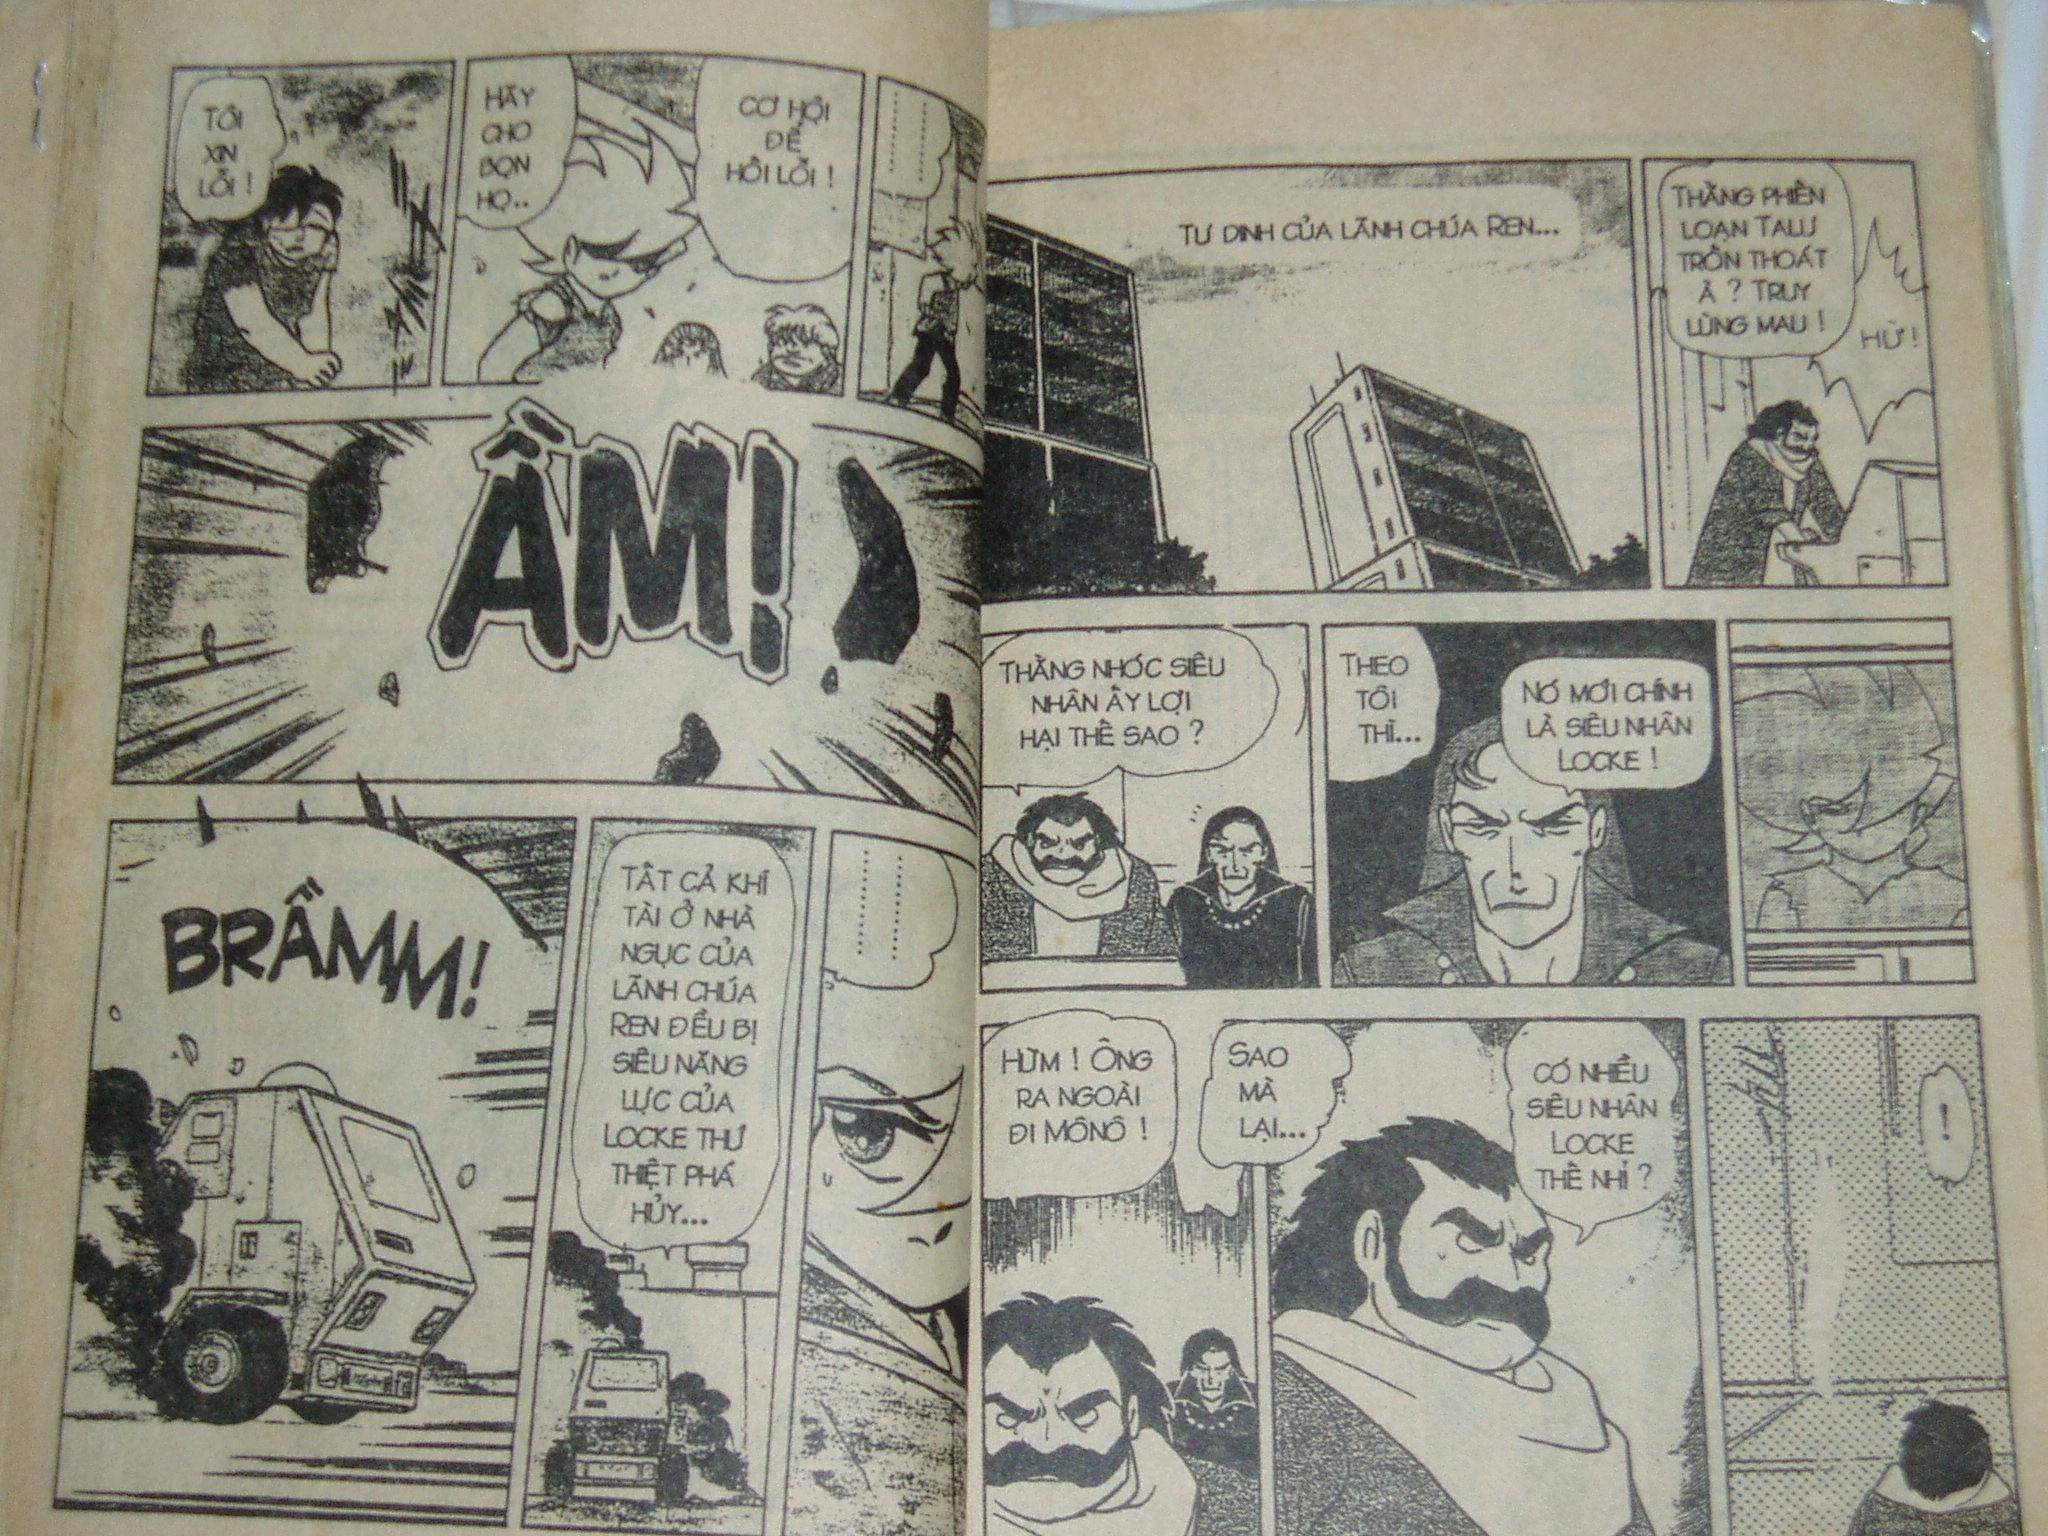 Siêu nhân Locke vol 18 trang 27